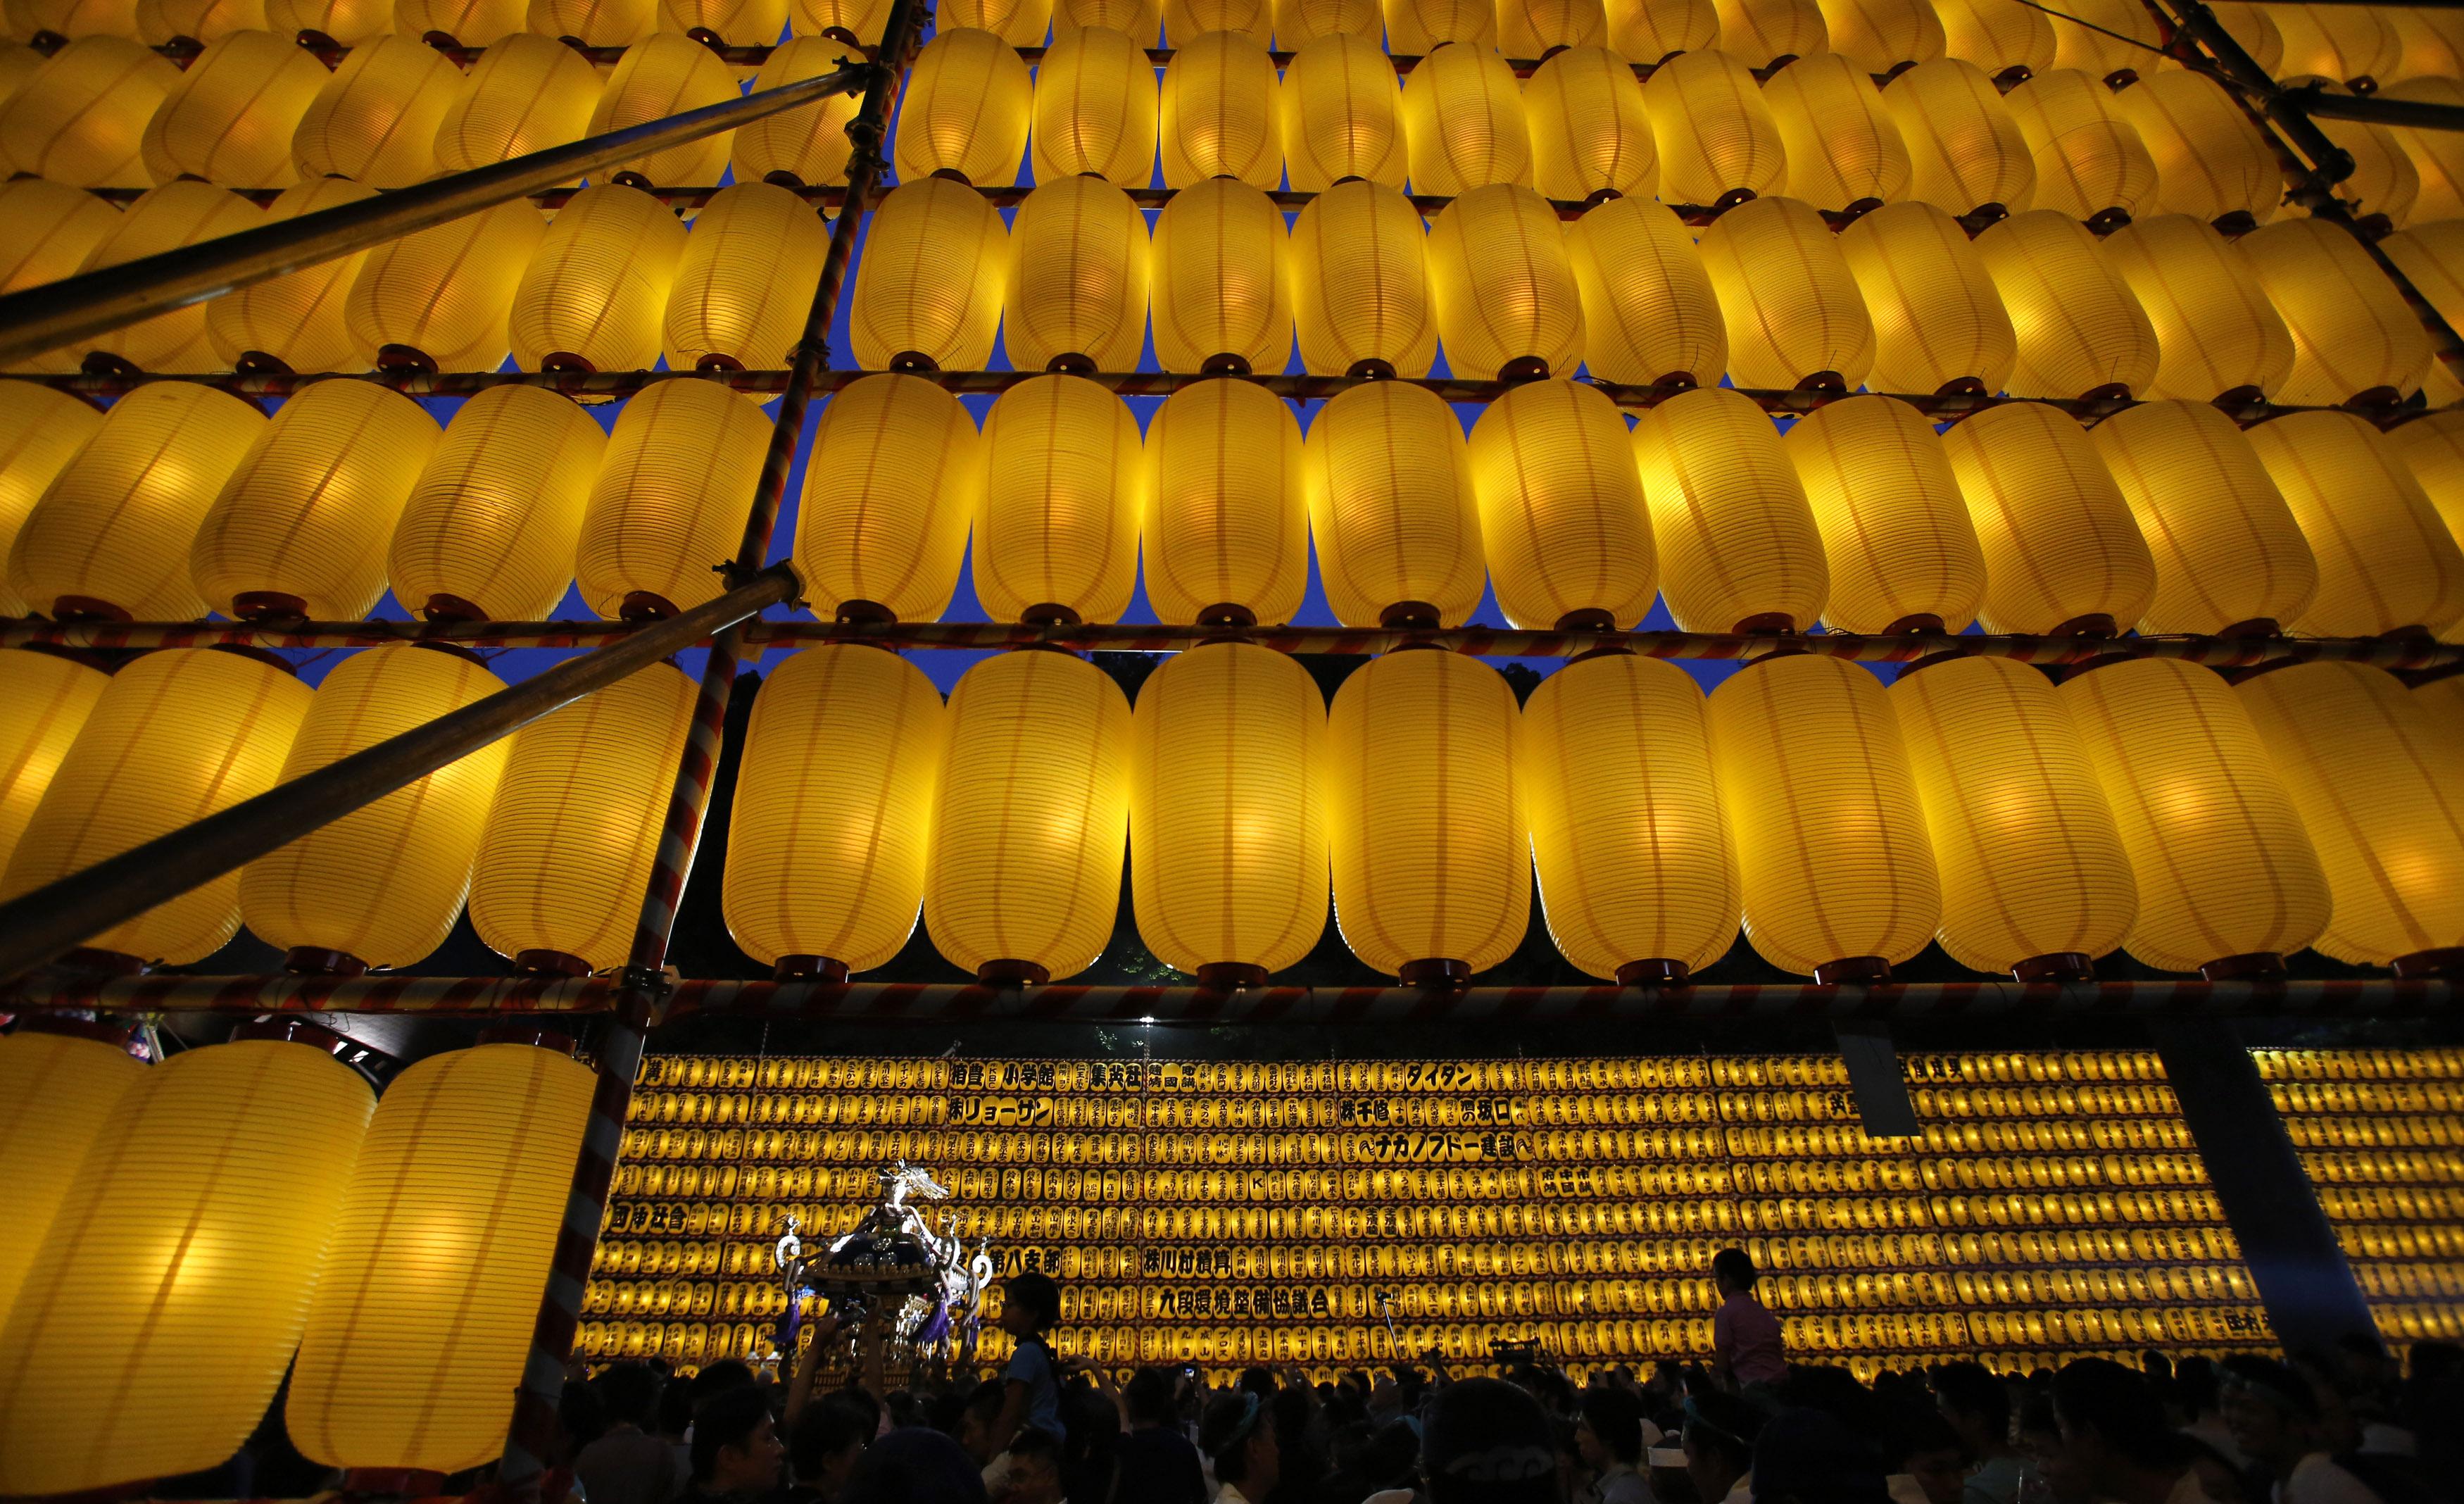 JAPÃO, 13.7.2013. Uma procissão com um templo portátil por entre lanternas de papel durante o festival Mitama no Templo Yasukuni em Tóquio. Mais de 30 mil lanternas iluminam o recinto. Homenageiam-se os espíritos dos antepassados